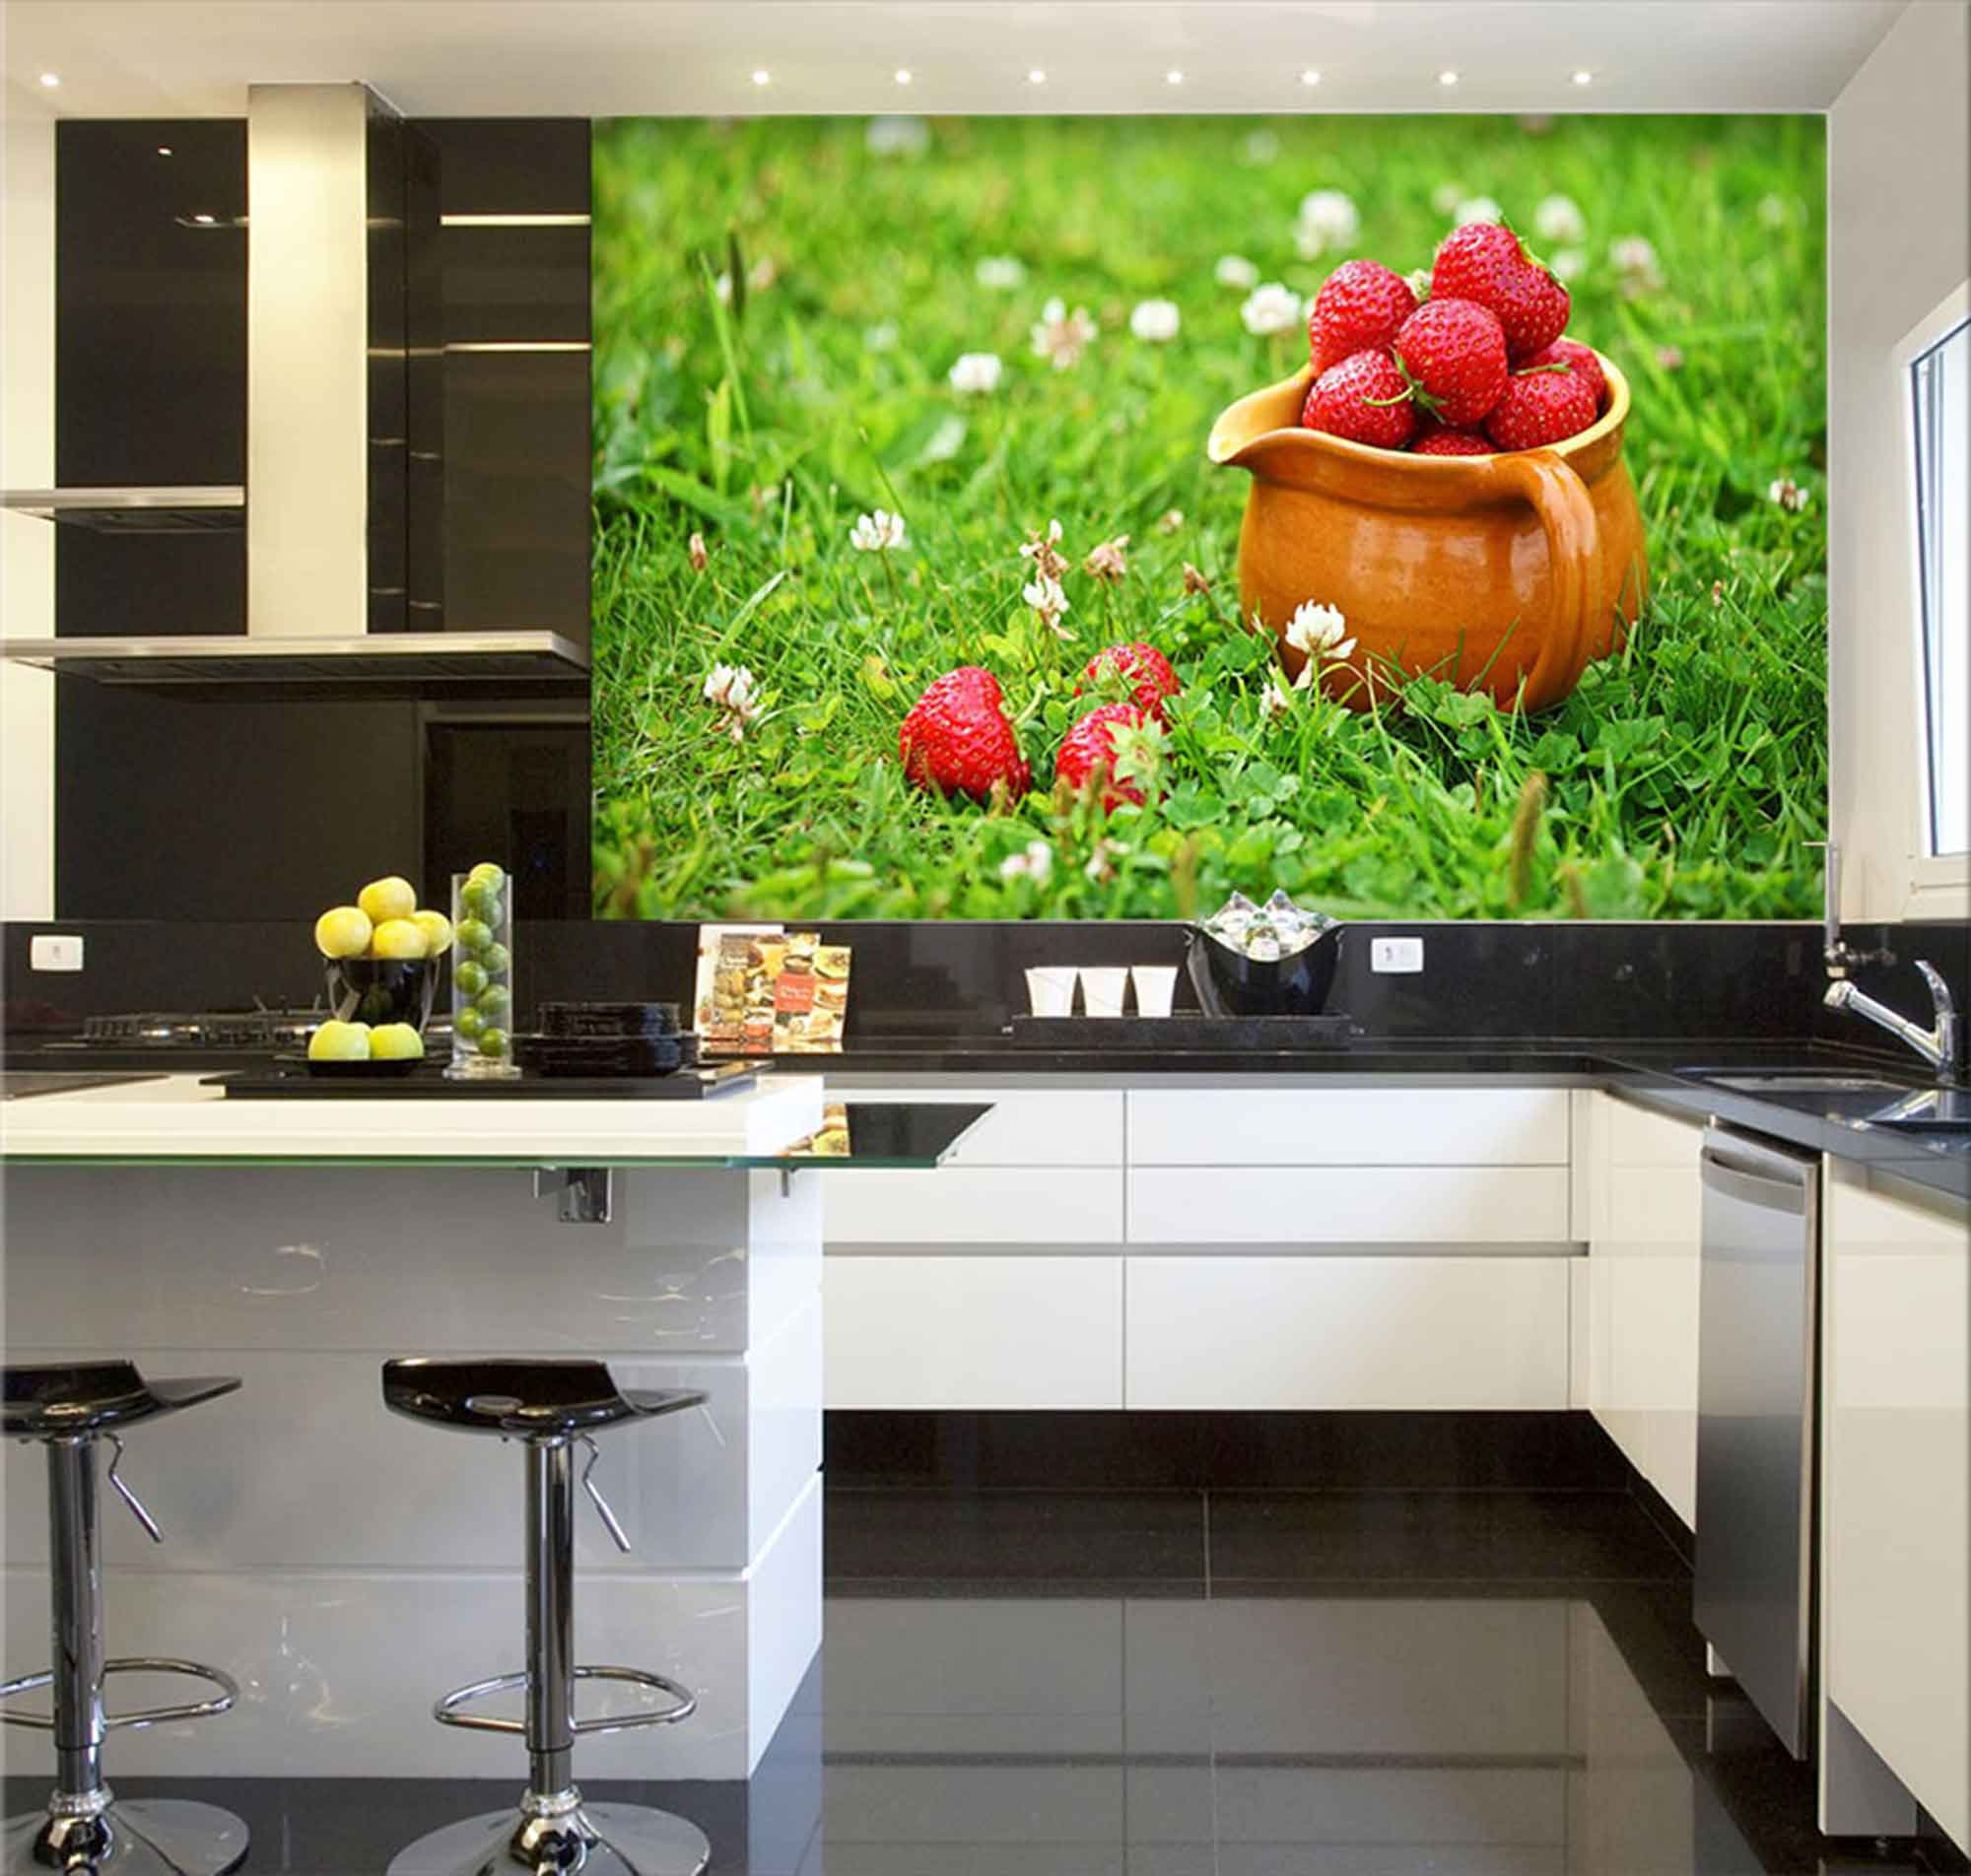 Papel De Parede Para Cozinha 0019 - Sobmedida: m²